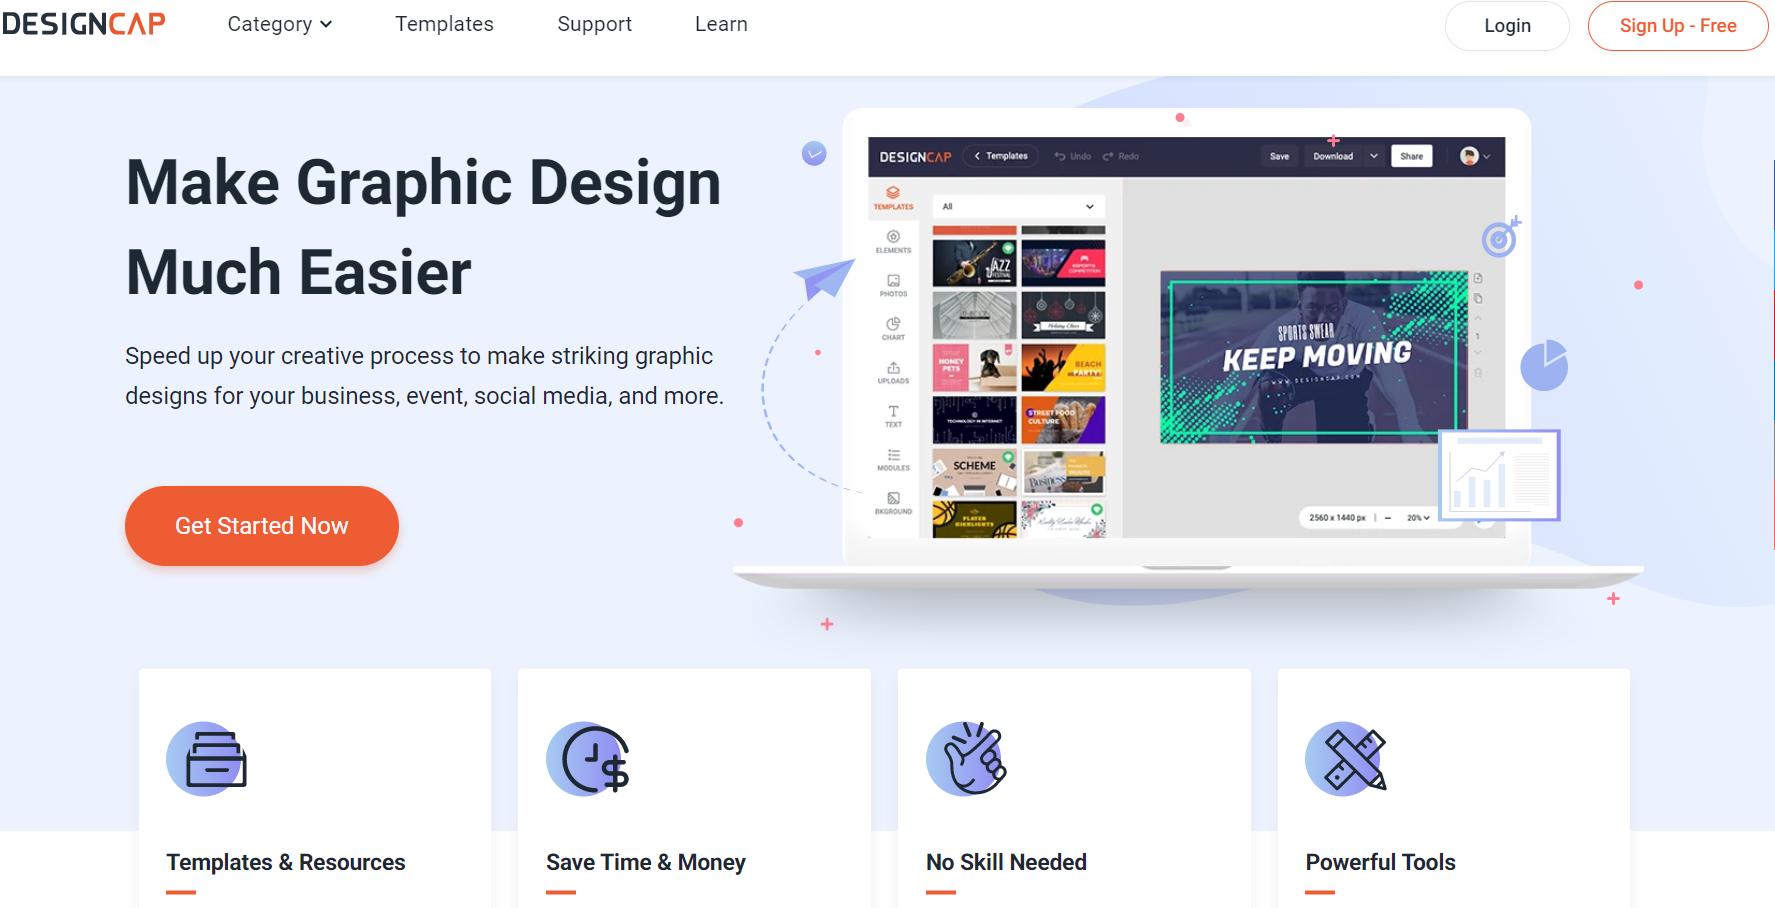 Pourquoi utiliser DesignCap pour vos conceptions graphiques